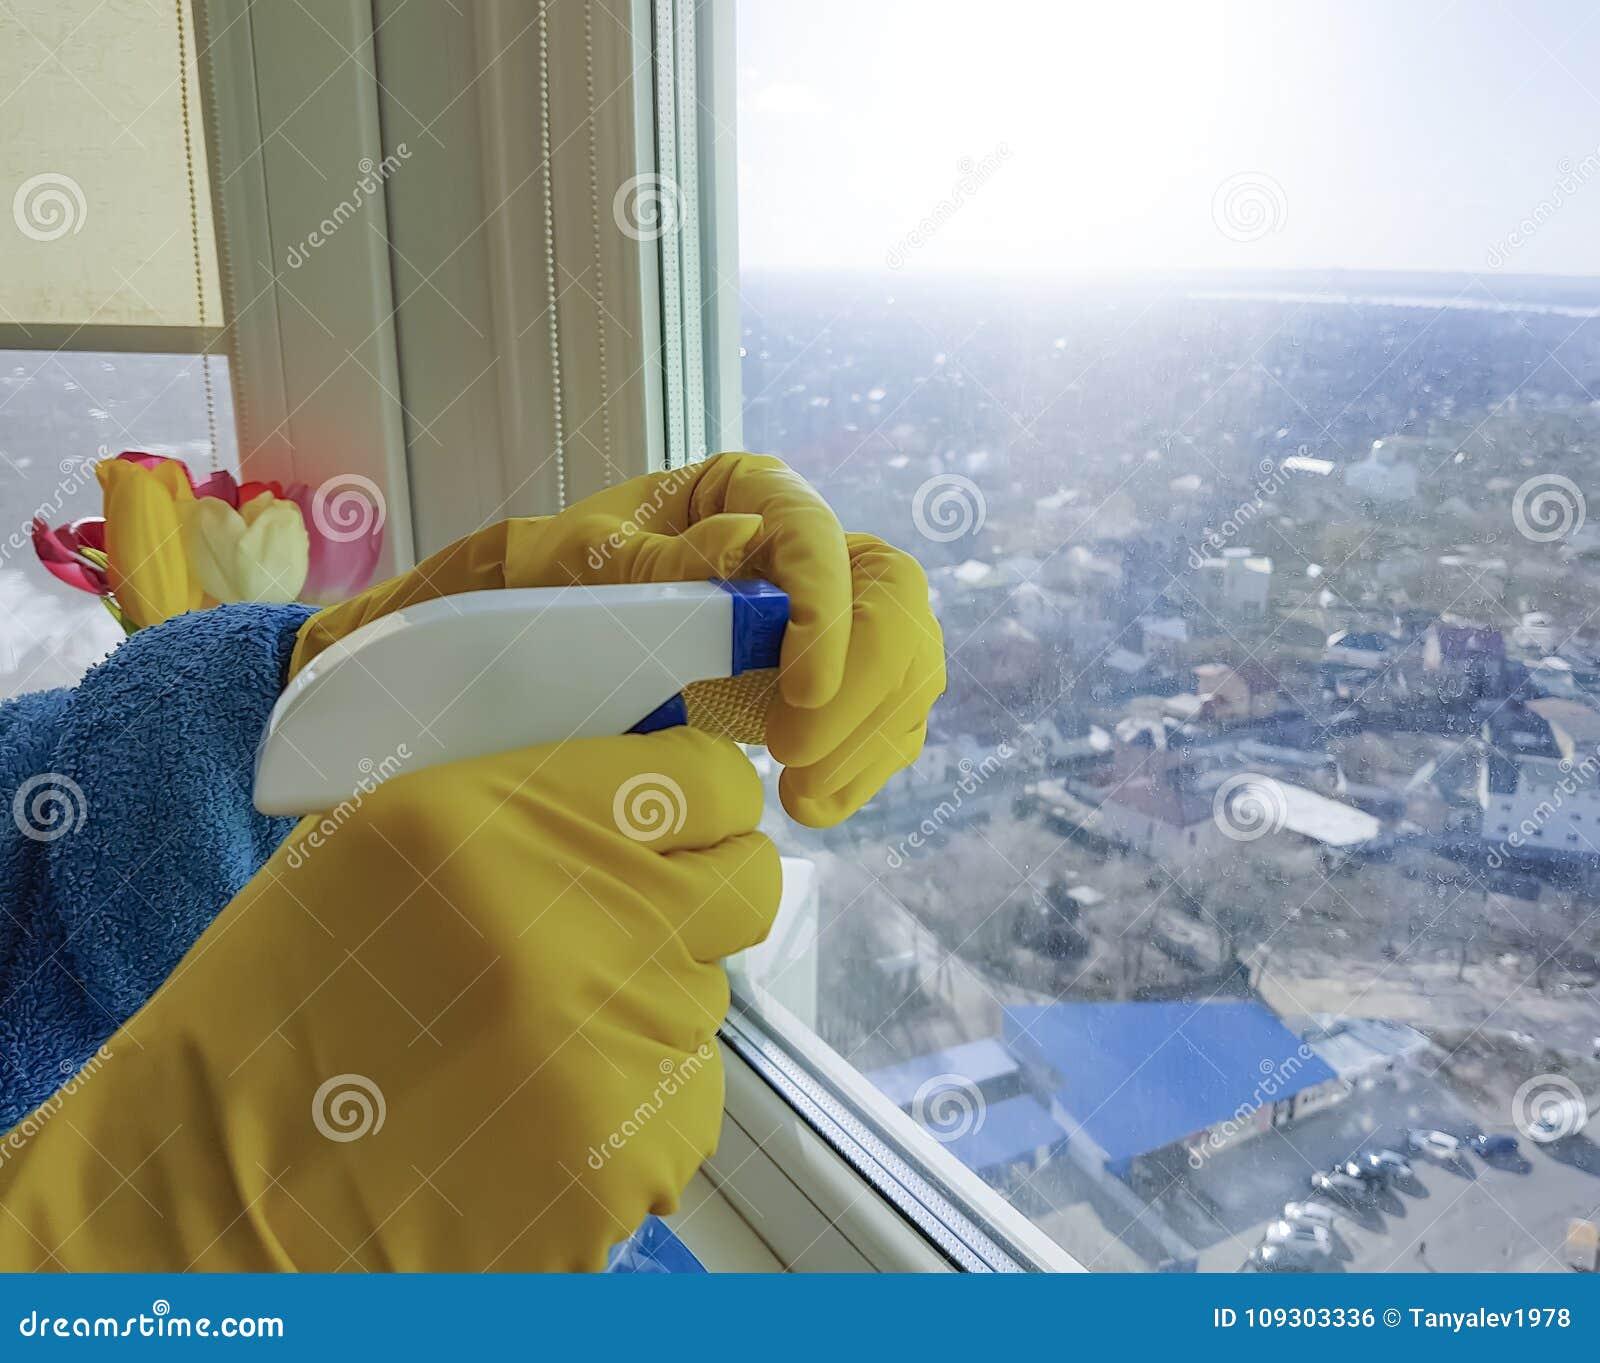 Faszinierend Fenster Reinigen Dekoration Von Weibliche Hand In Den Gelben Handschuhen, Die